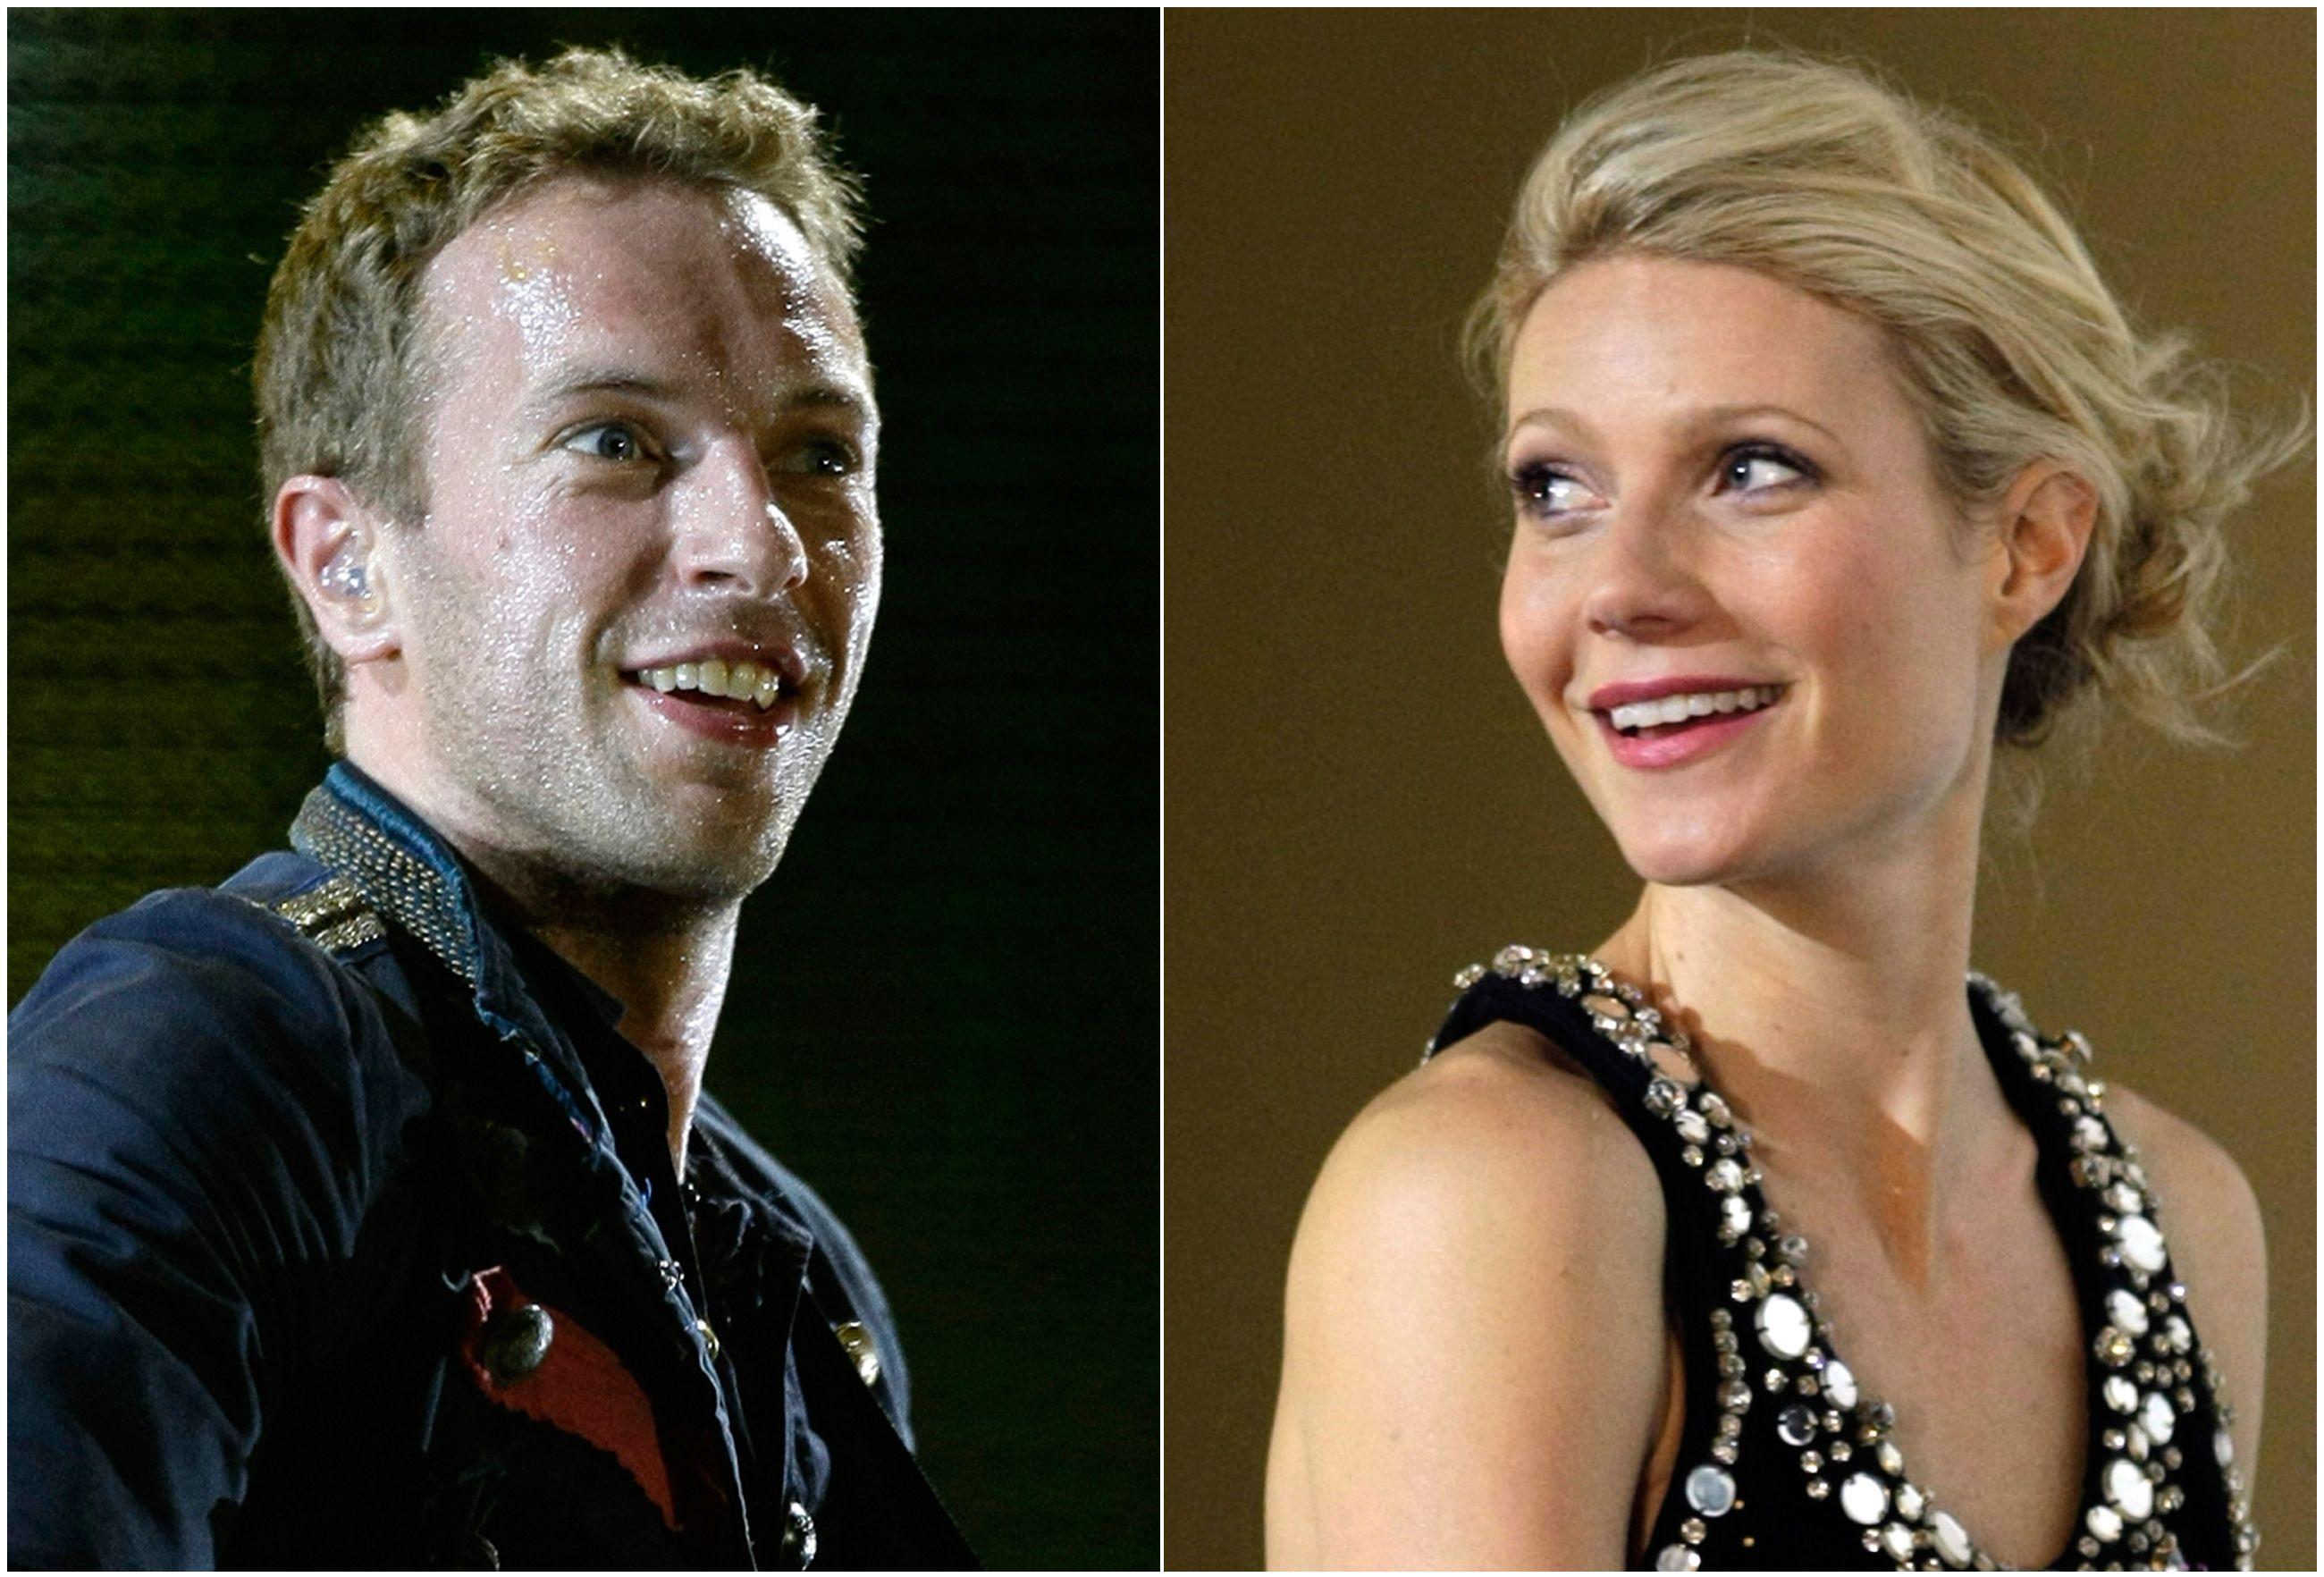 Chris Martin tenterait de récupérer Gwyneth Paltrow